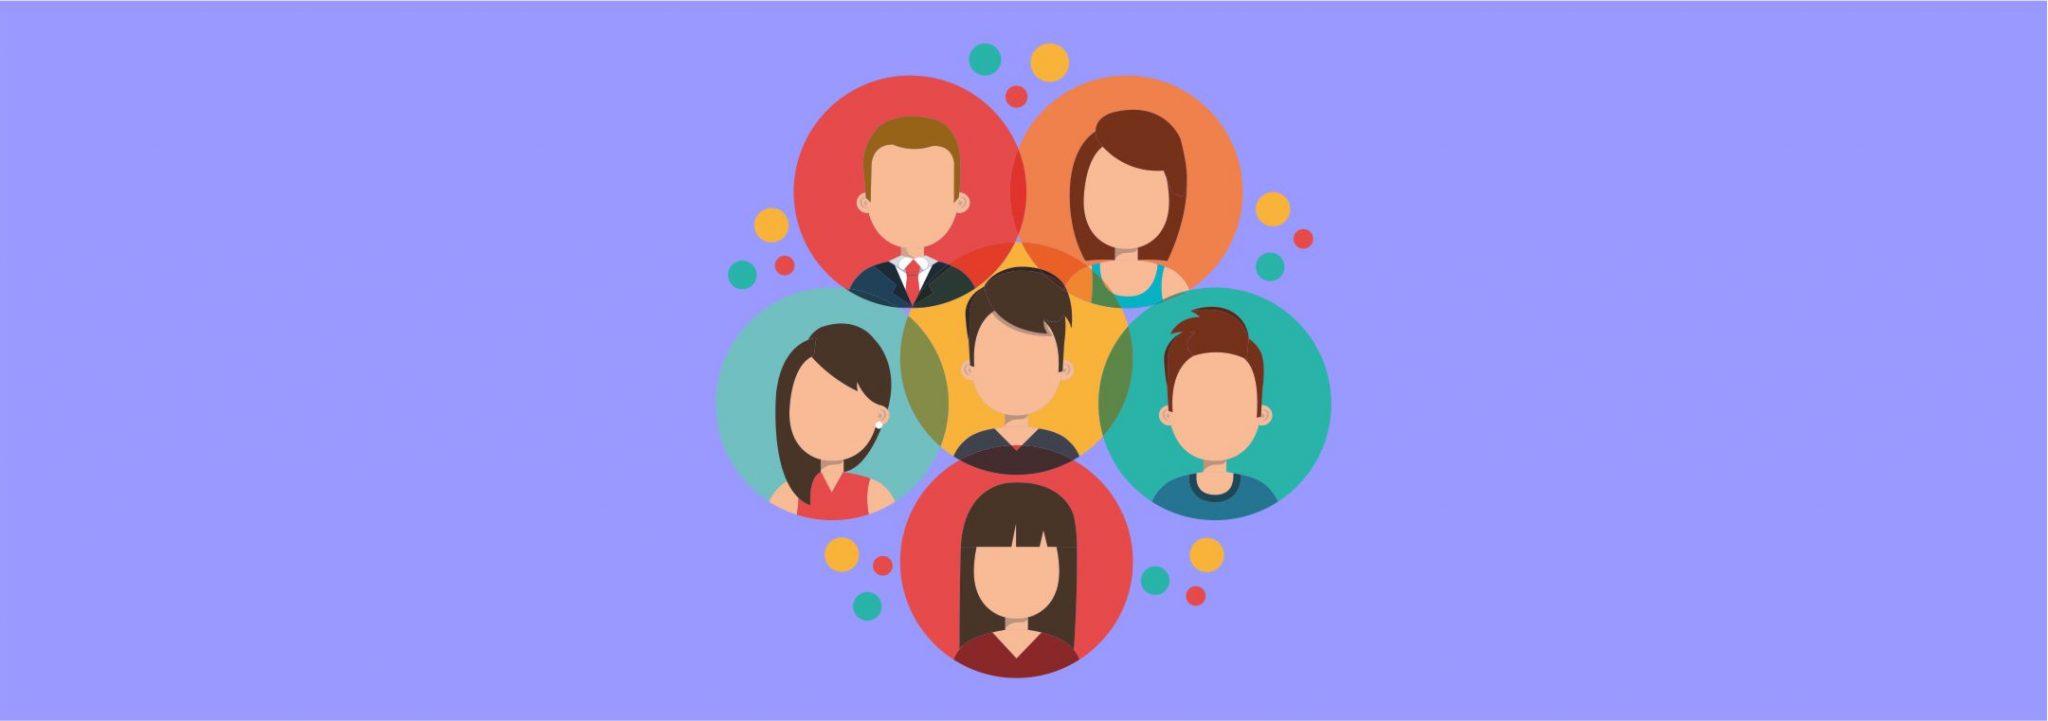 как да създадем персона на клиента в 5 лесни стъпки